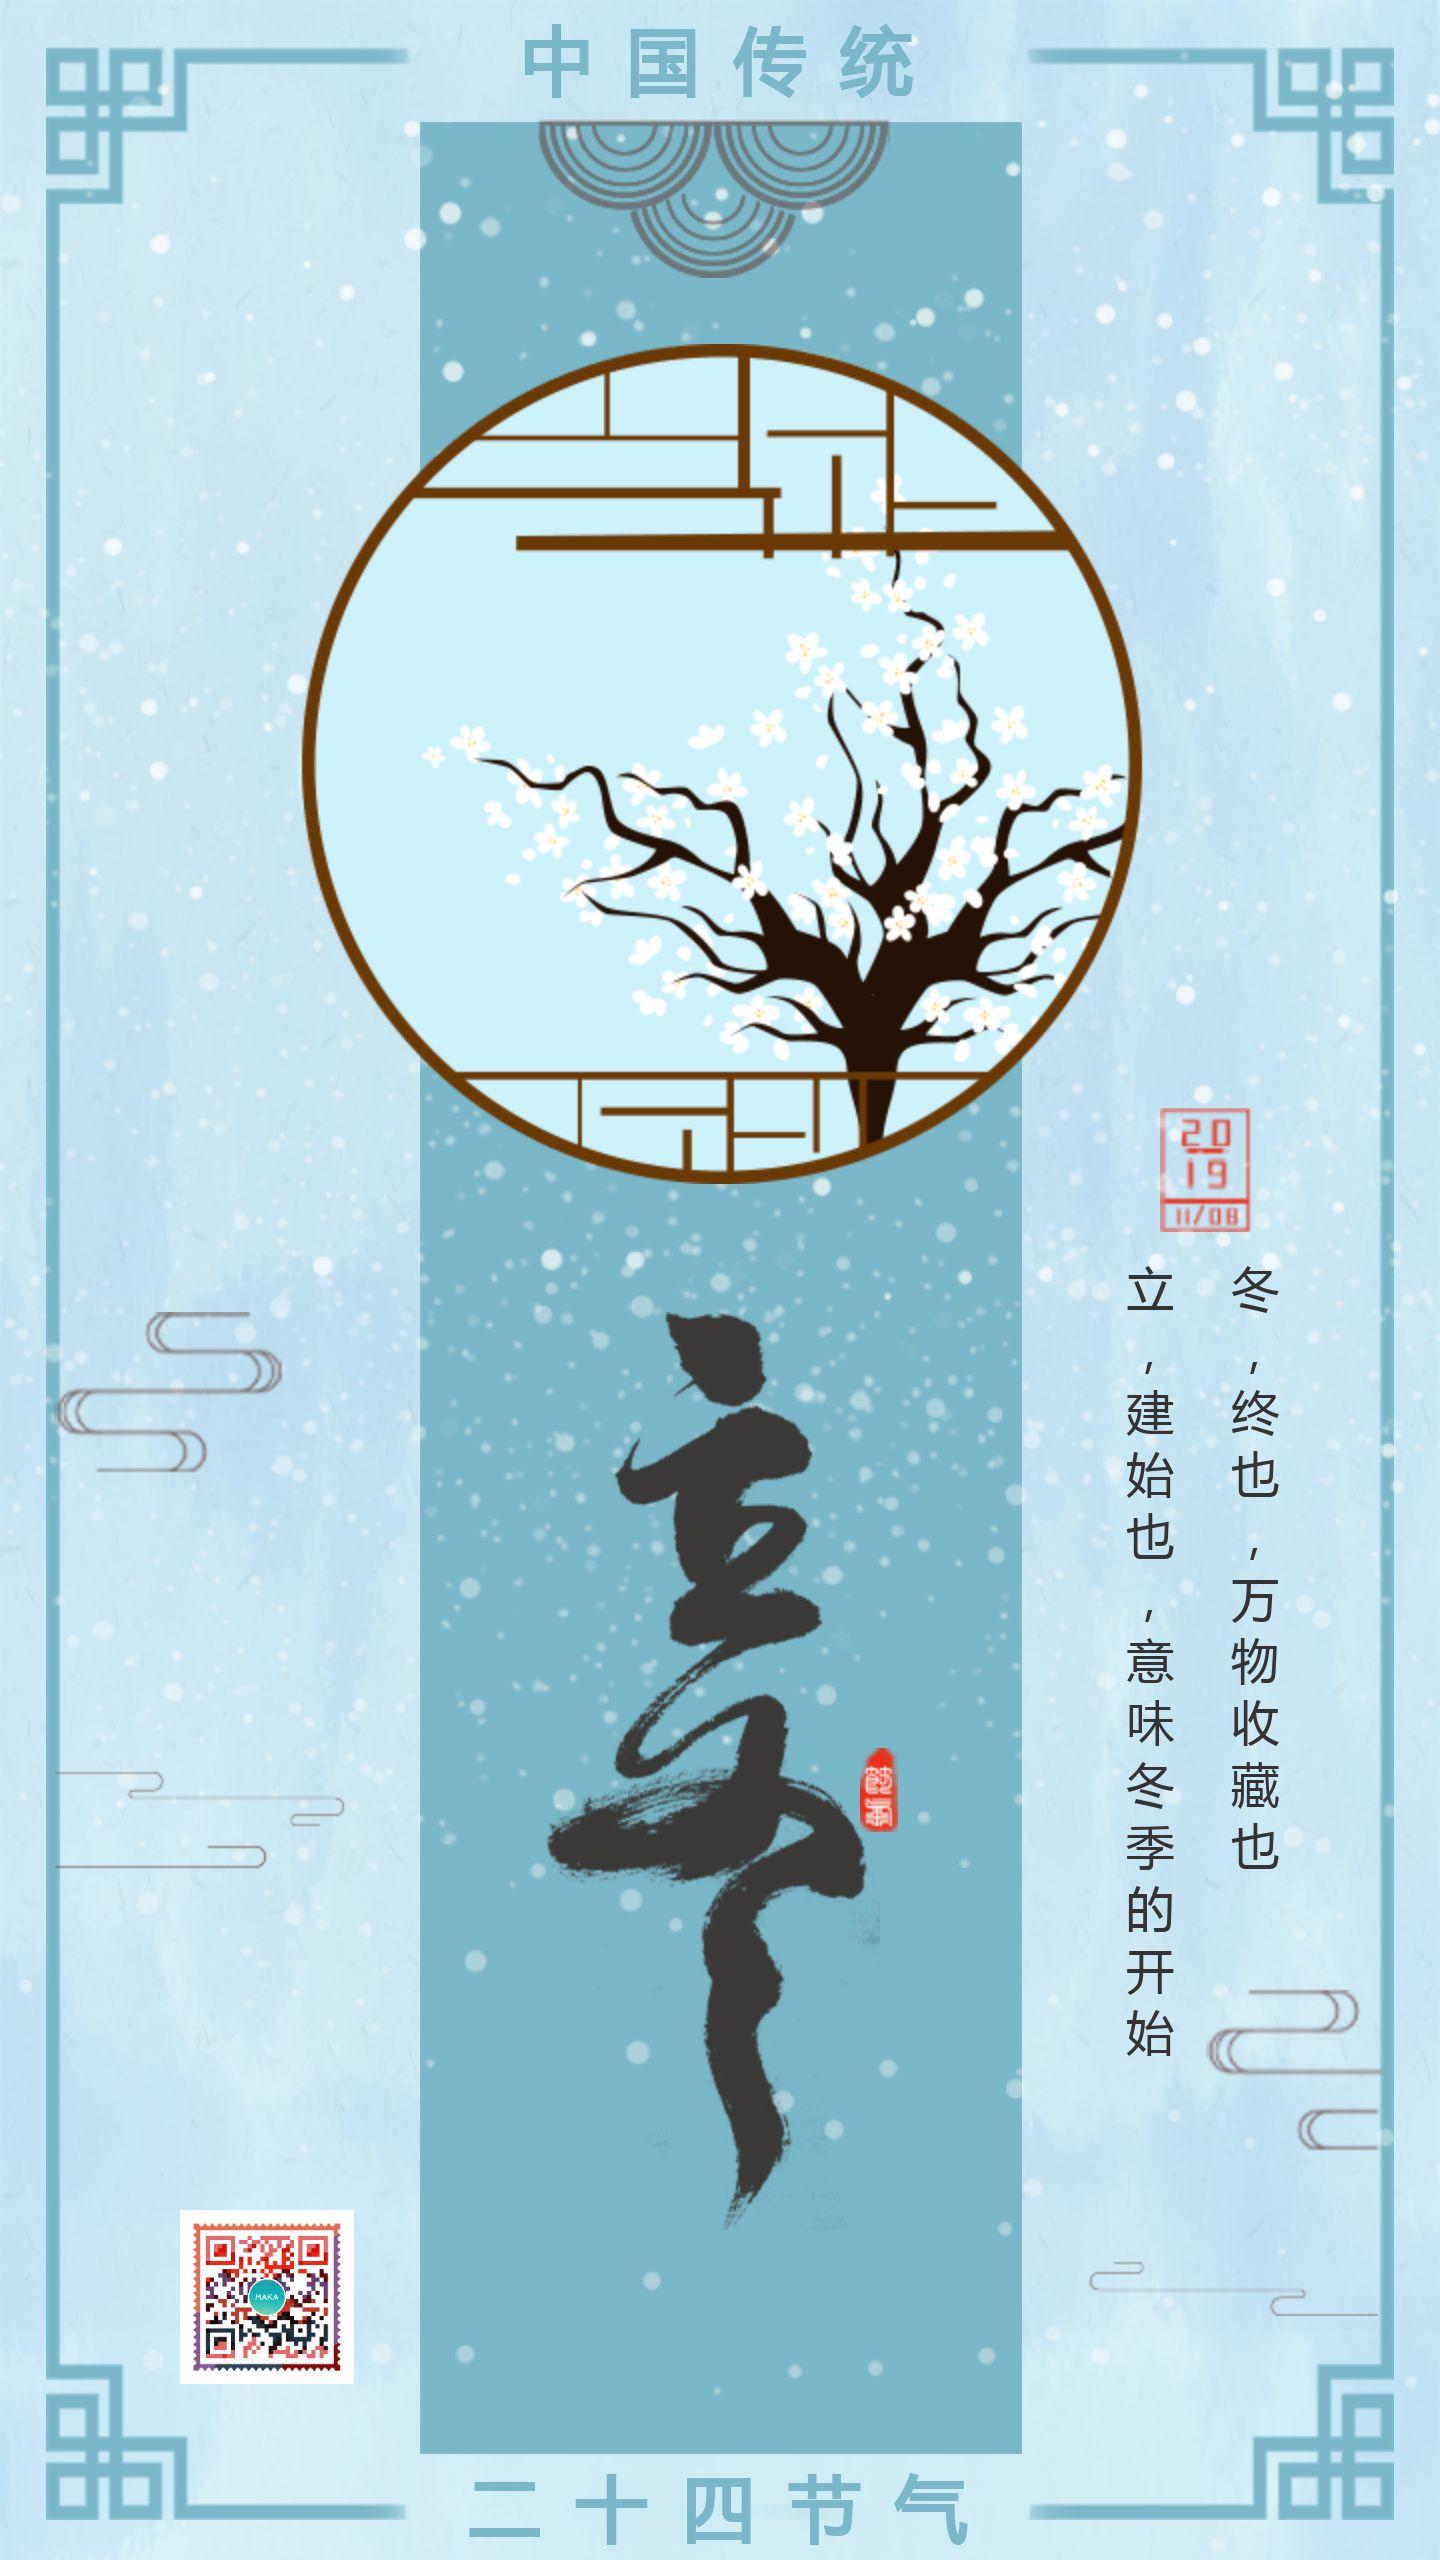 简约清新中国风插画设计风格二十四节气之立冬宣传海报